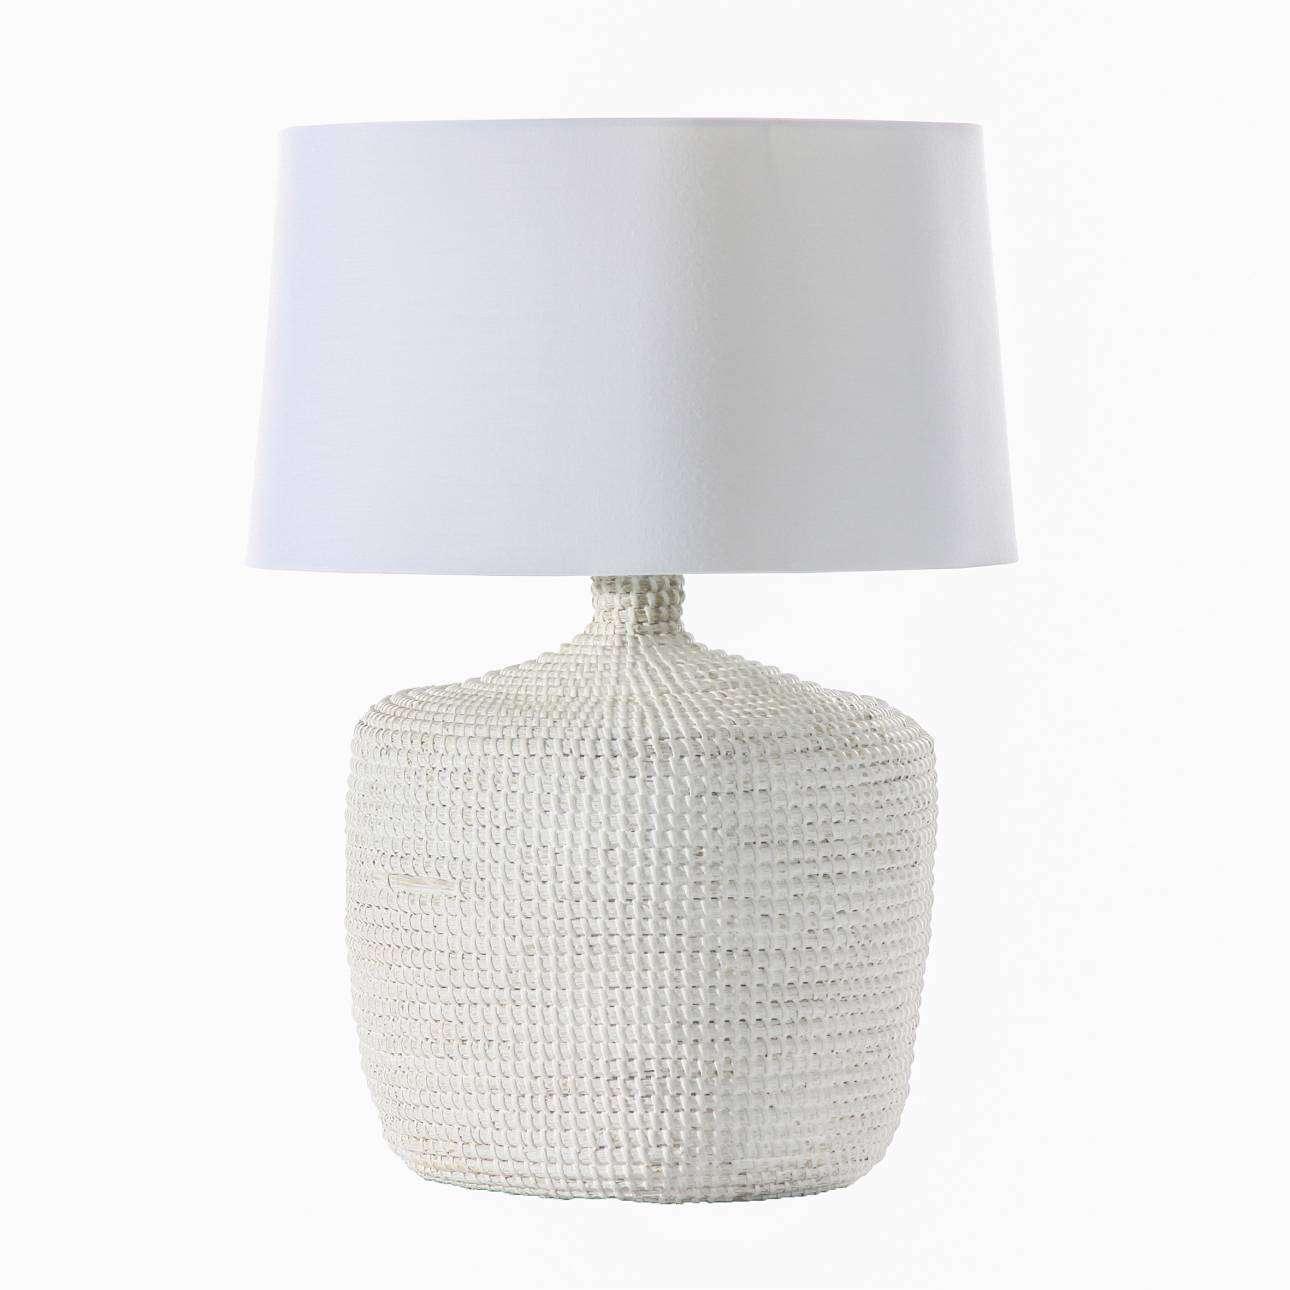 Lampa stołowa Coastal White wys. 62cm 45x45x62cm